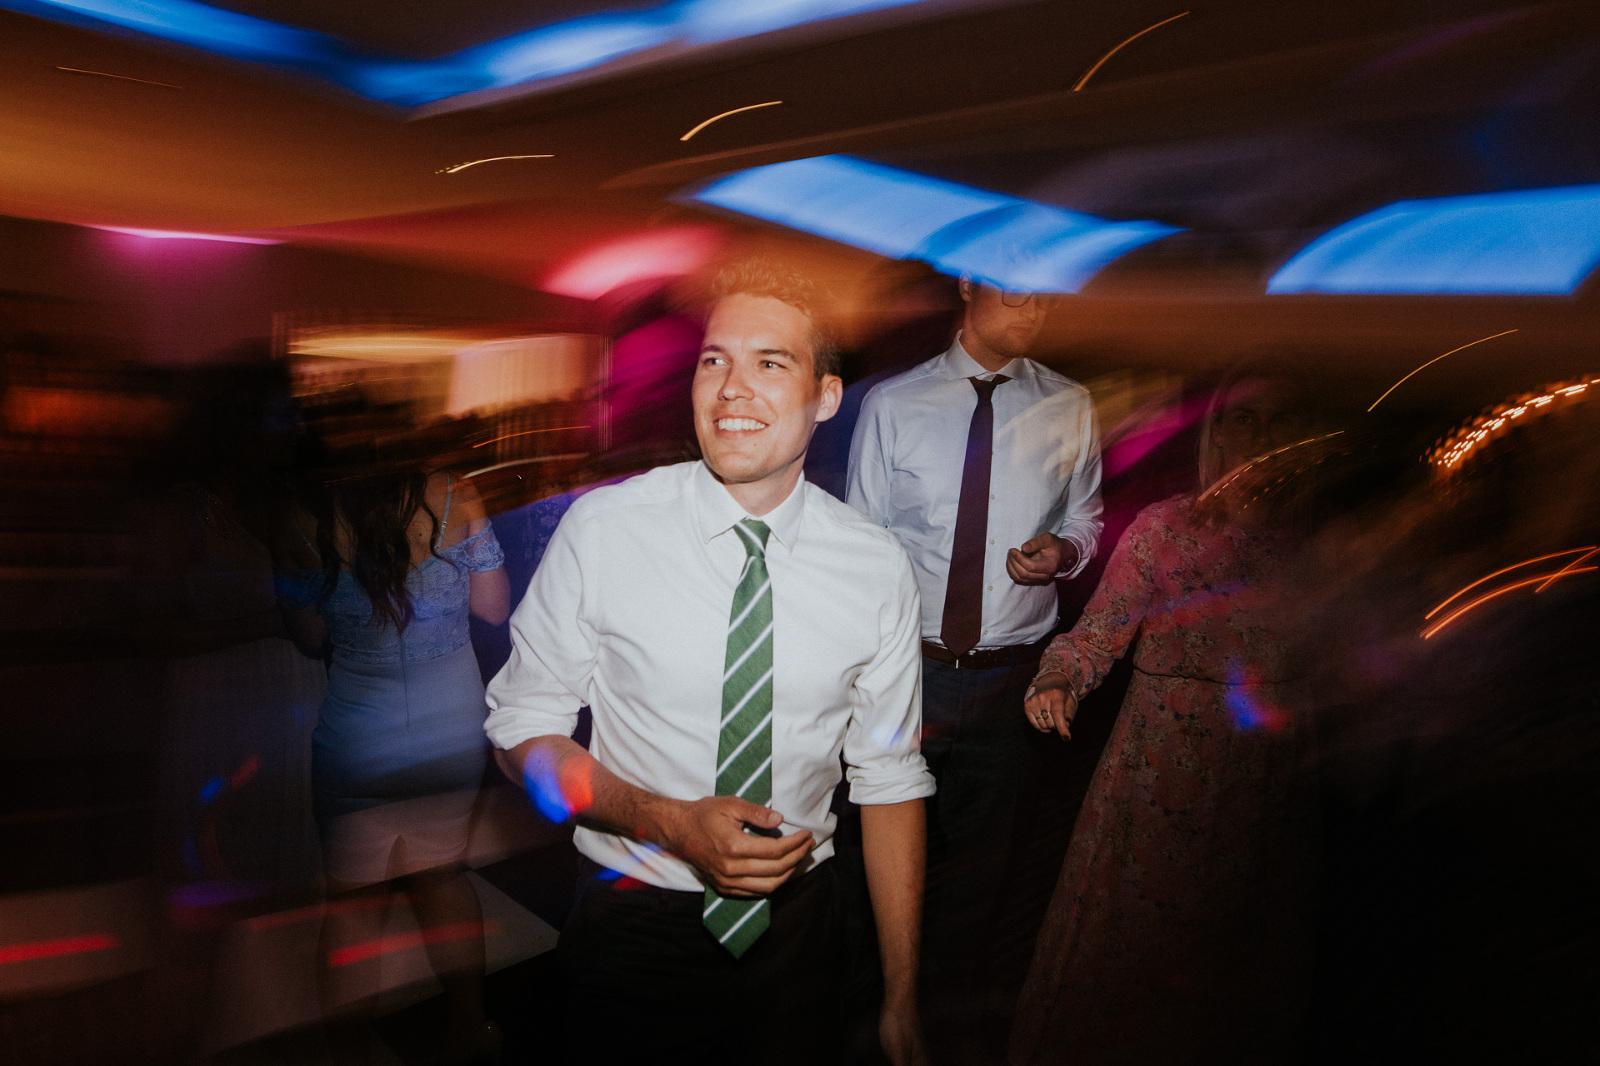 DJ for DoubleTree by Hilton Cadbury Hous